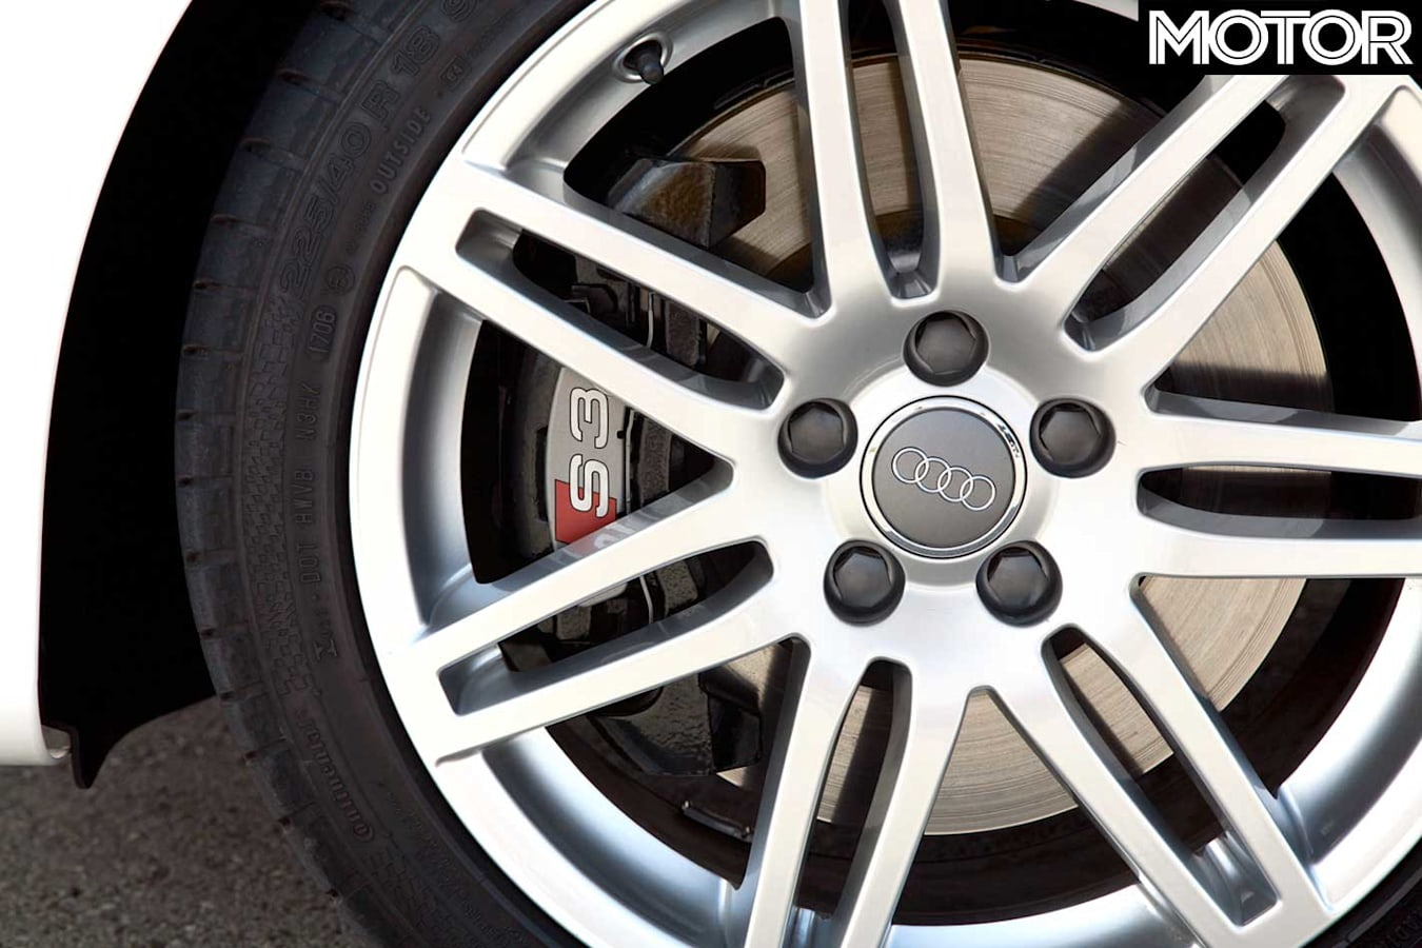 2006 Audi S 3 Brakes Jpg